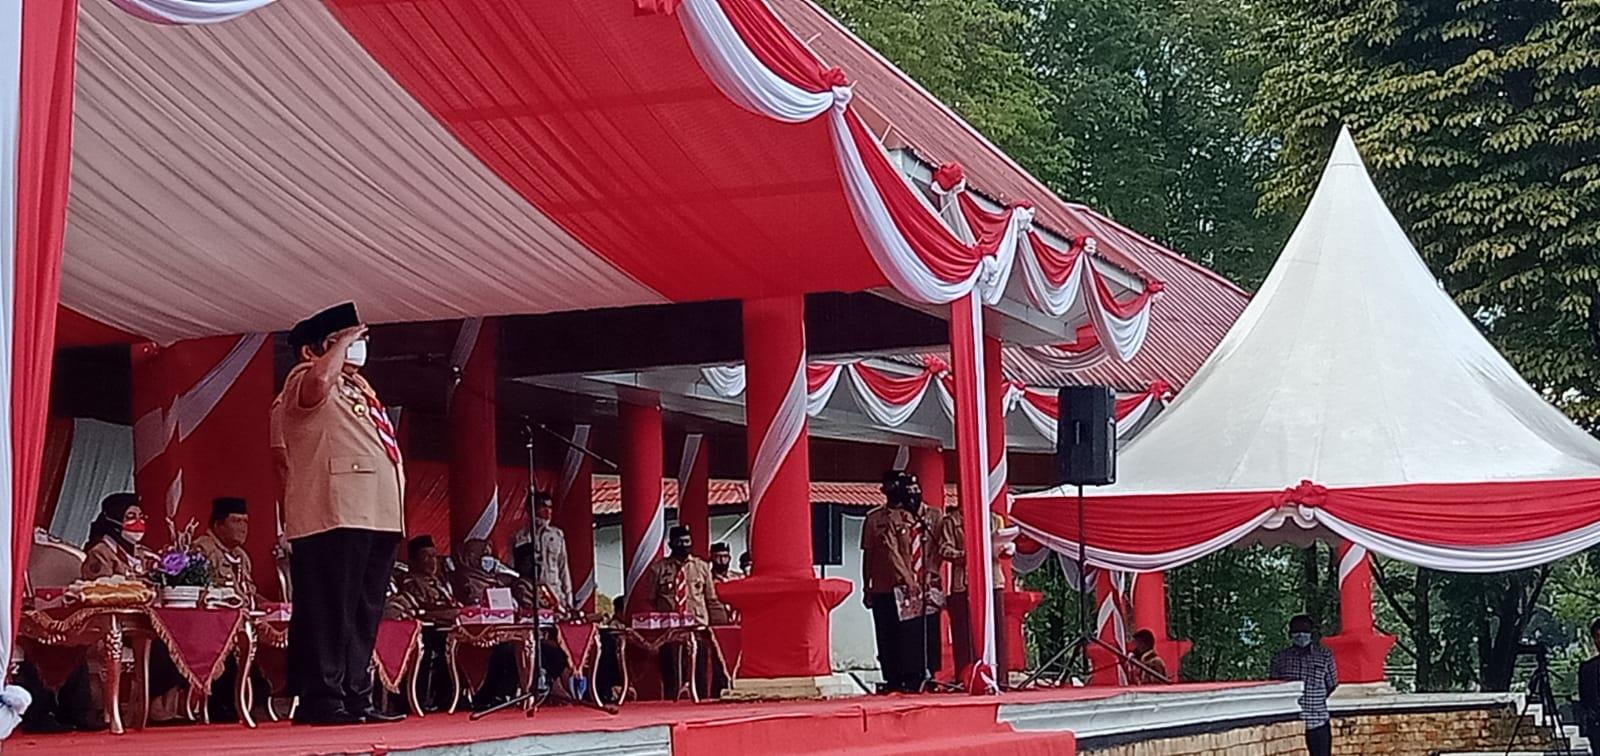 Tampak Gubernur Sultra Ali Mazi, Saat memimpin Apel dalam peringatan Hari Pramuka ke-60 (Foto: Dila Aidzin/Mediakendari.com)